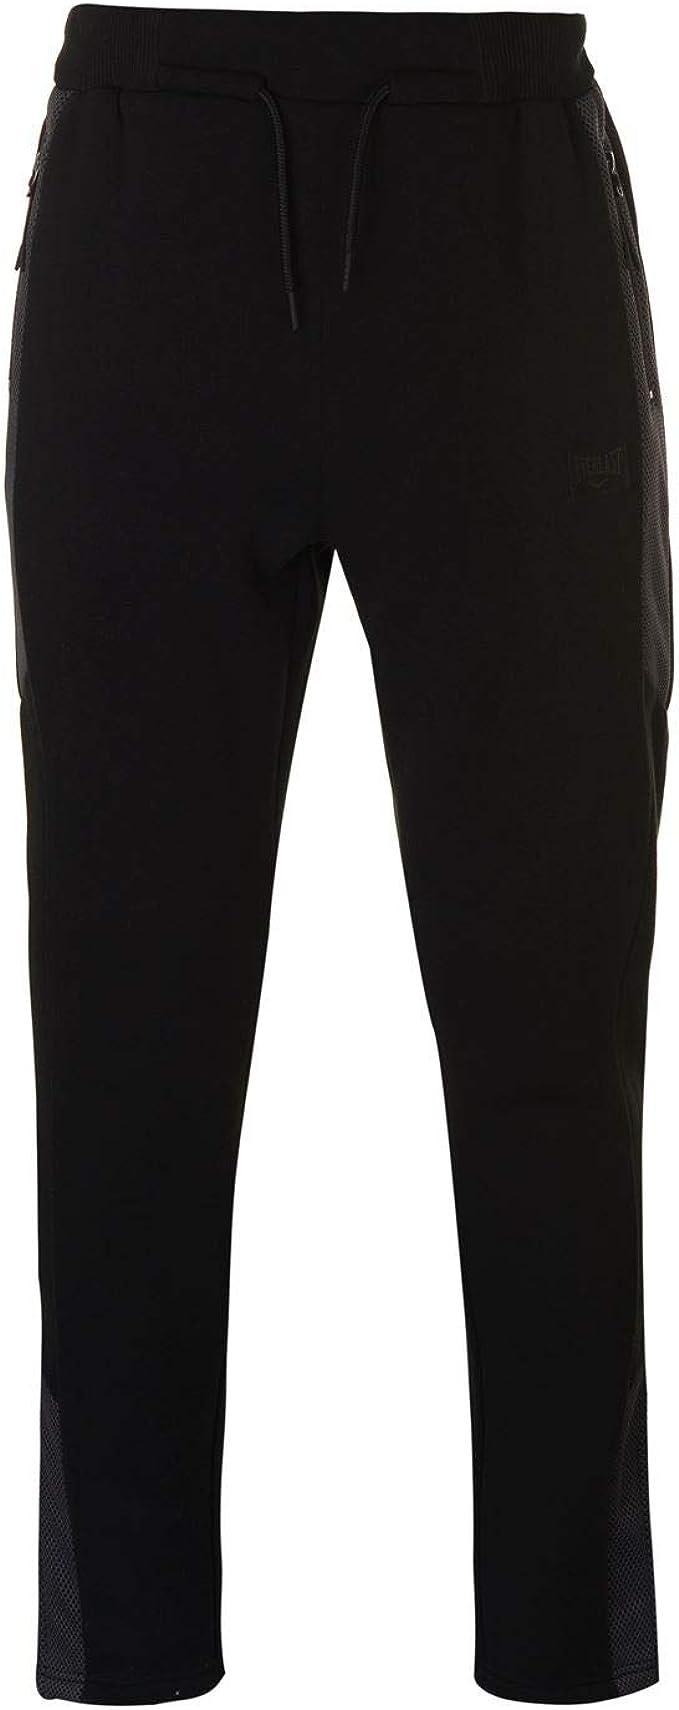 Everlast Pantalon De Jogging En Jersey Imprimé Femme Noir